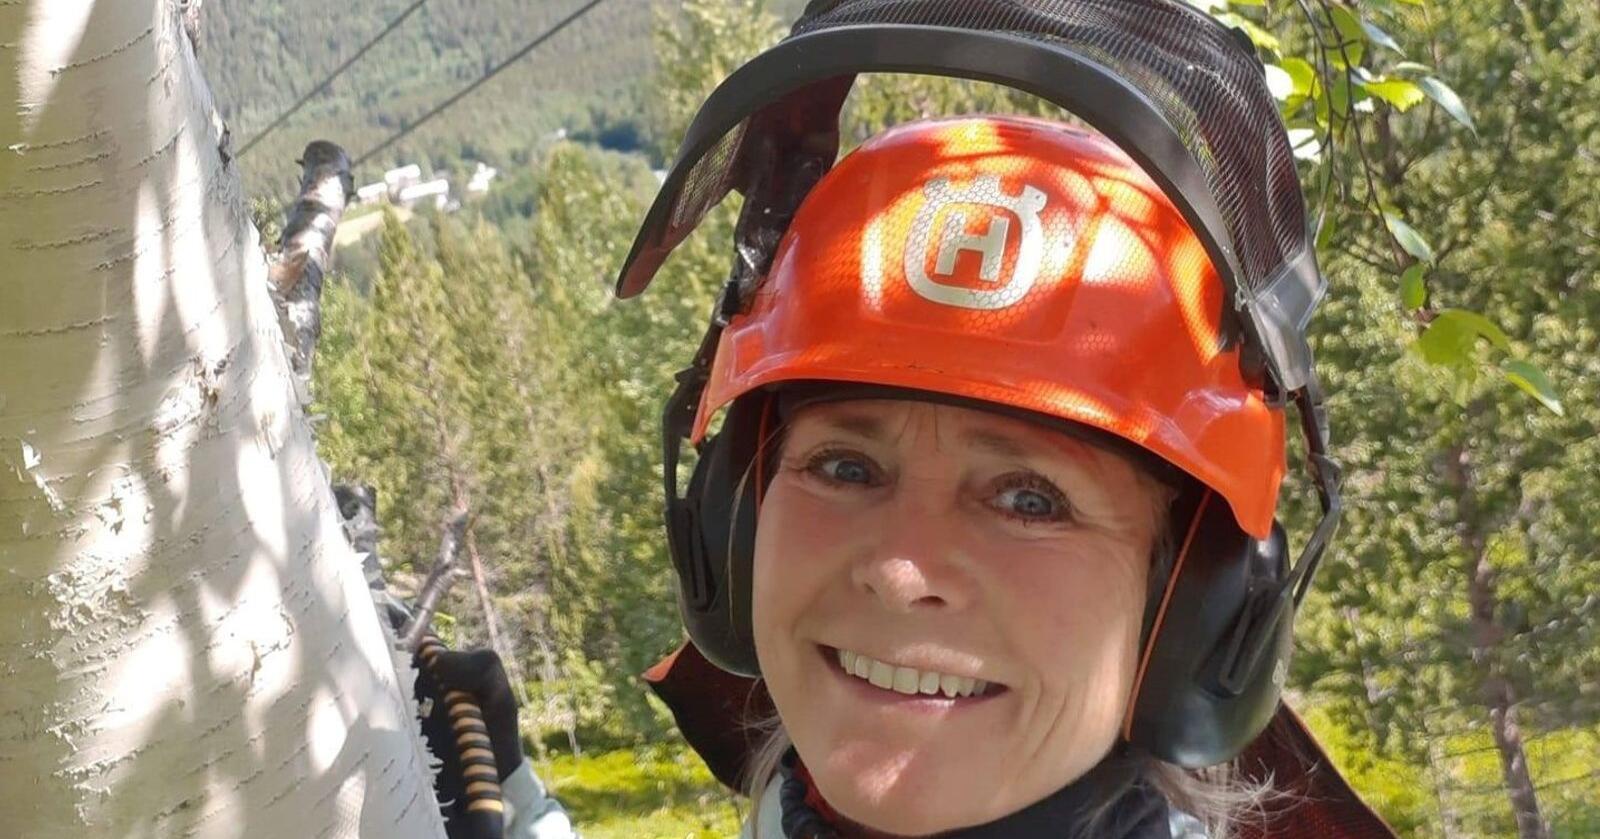 Jorunn Etterlid jobbet tre år som rovviltkontakt i Statens naturoppsyn (SNO) i Saltdal i Nordland. Nå ønsker hun å ta opp ting hun ikke var fornøyd med i jobben. Foto: Privat